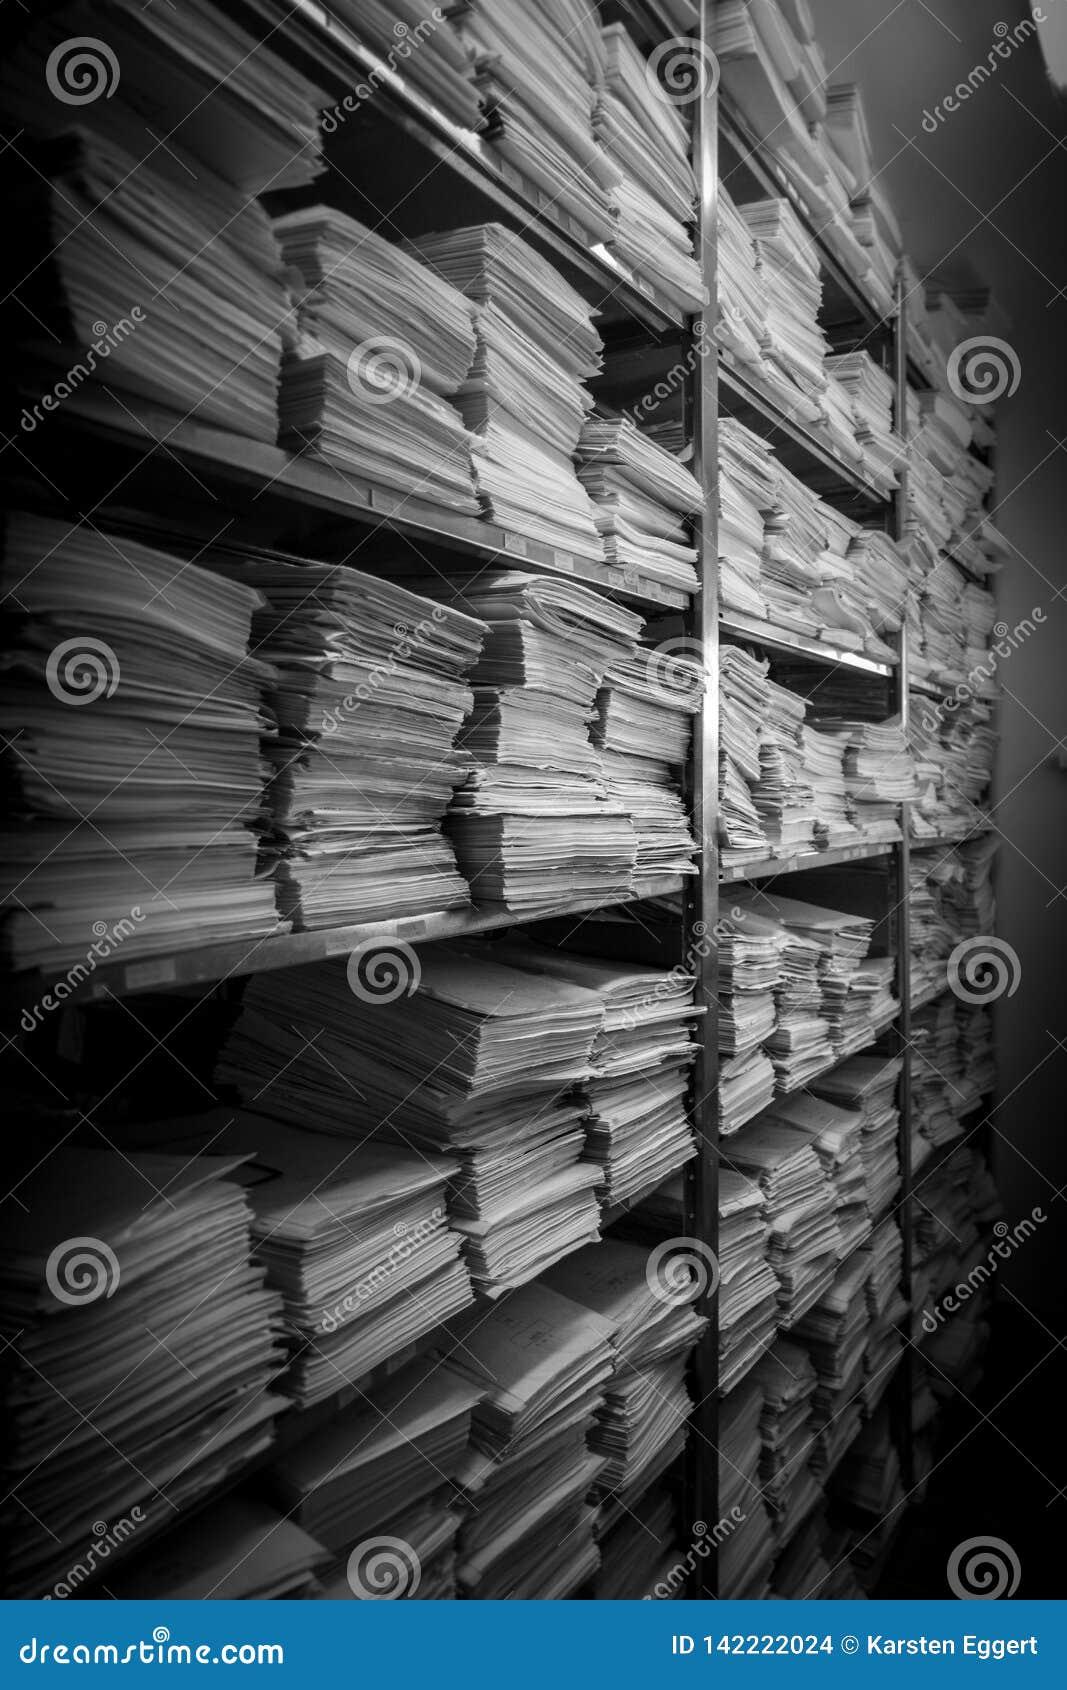 Kartotek sterty przechują w jeden archiwum